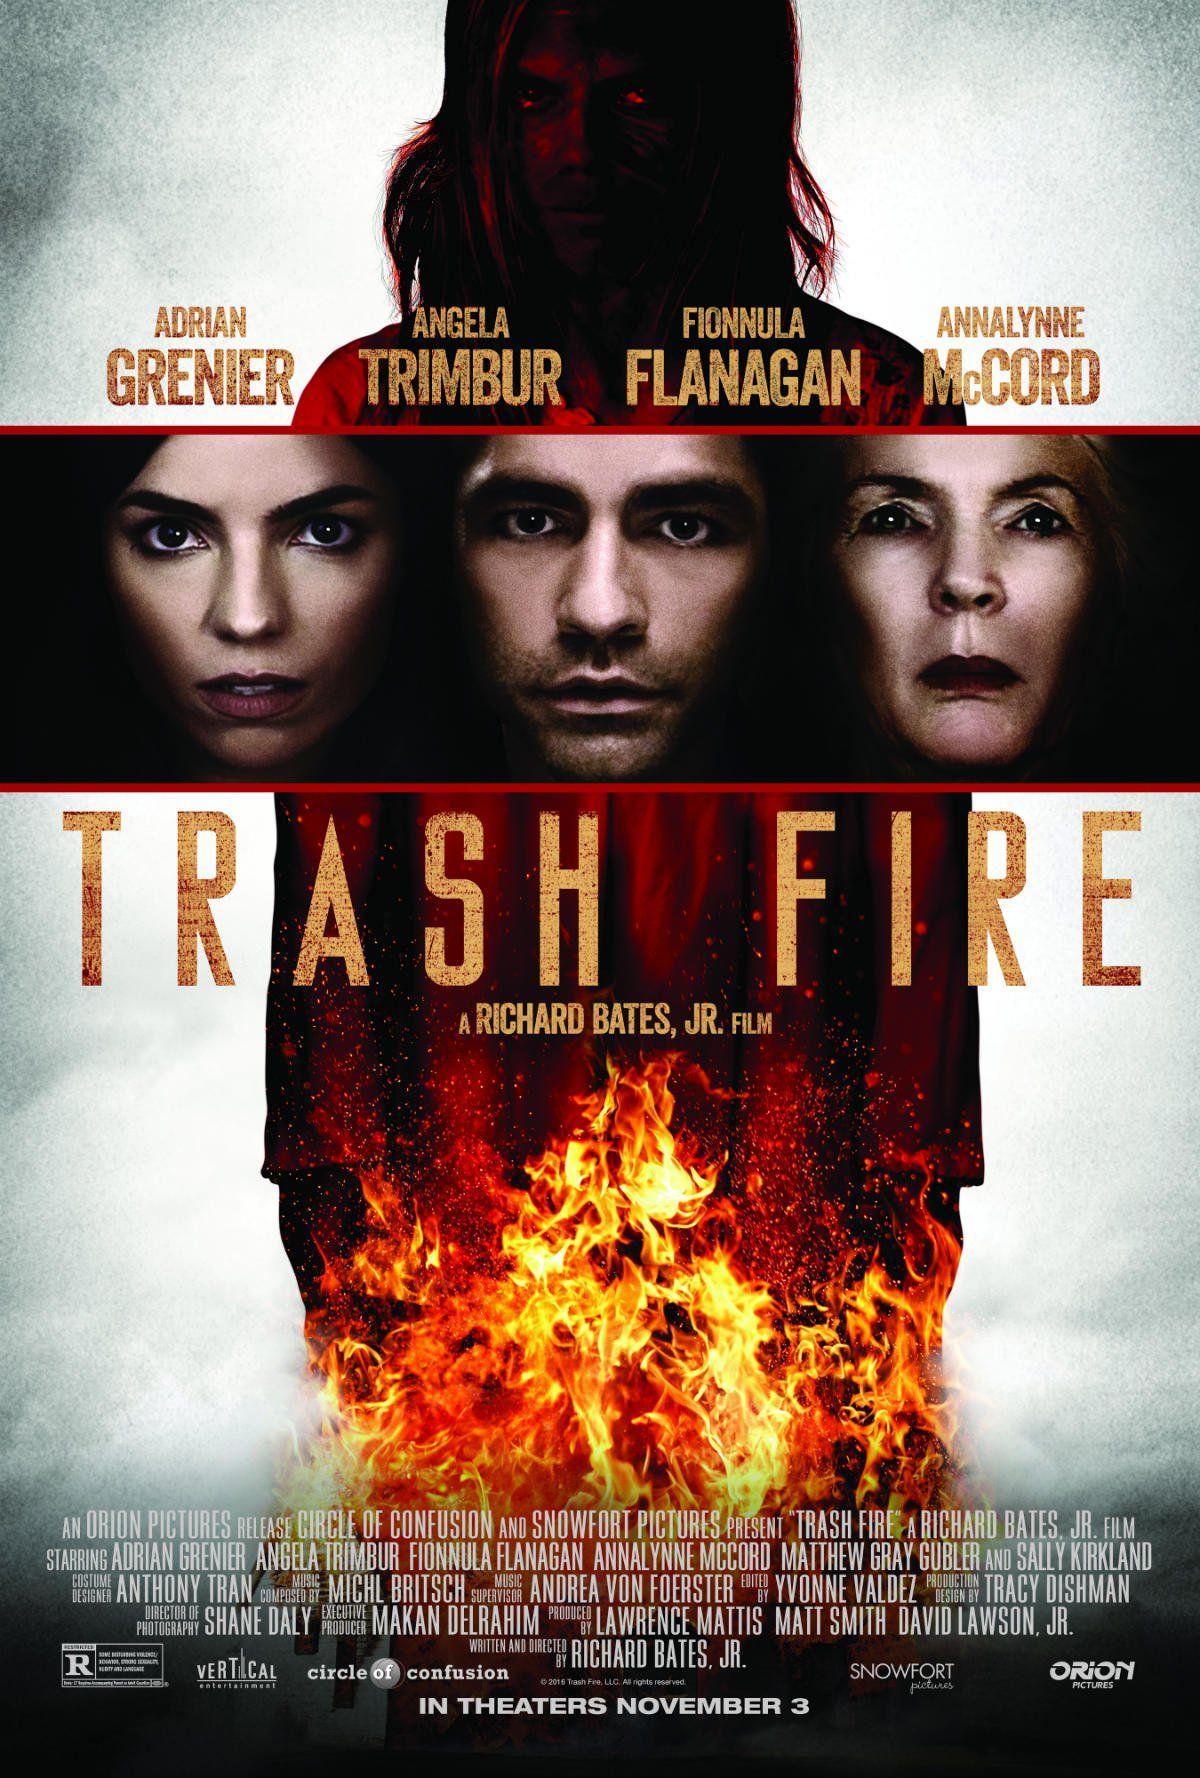 Trash Fire 2016 Movie Fire Movie About Time Movie Sally Kirkland